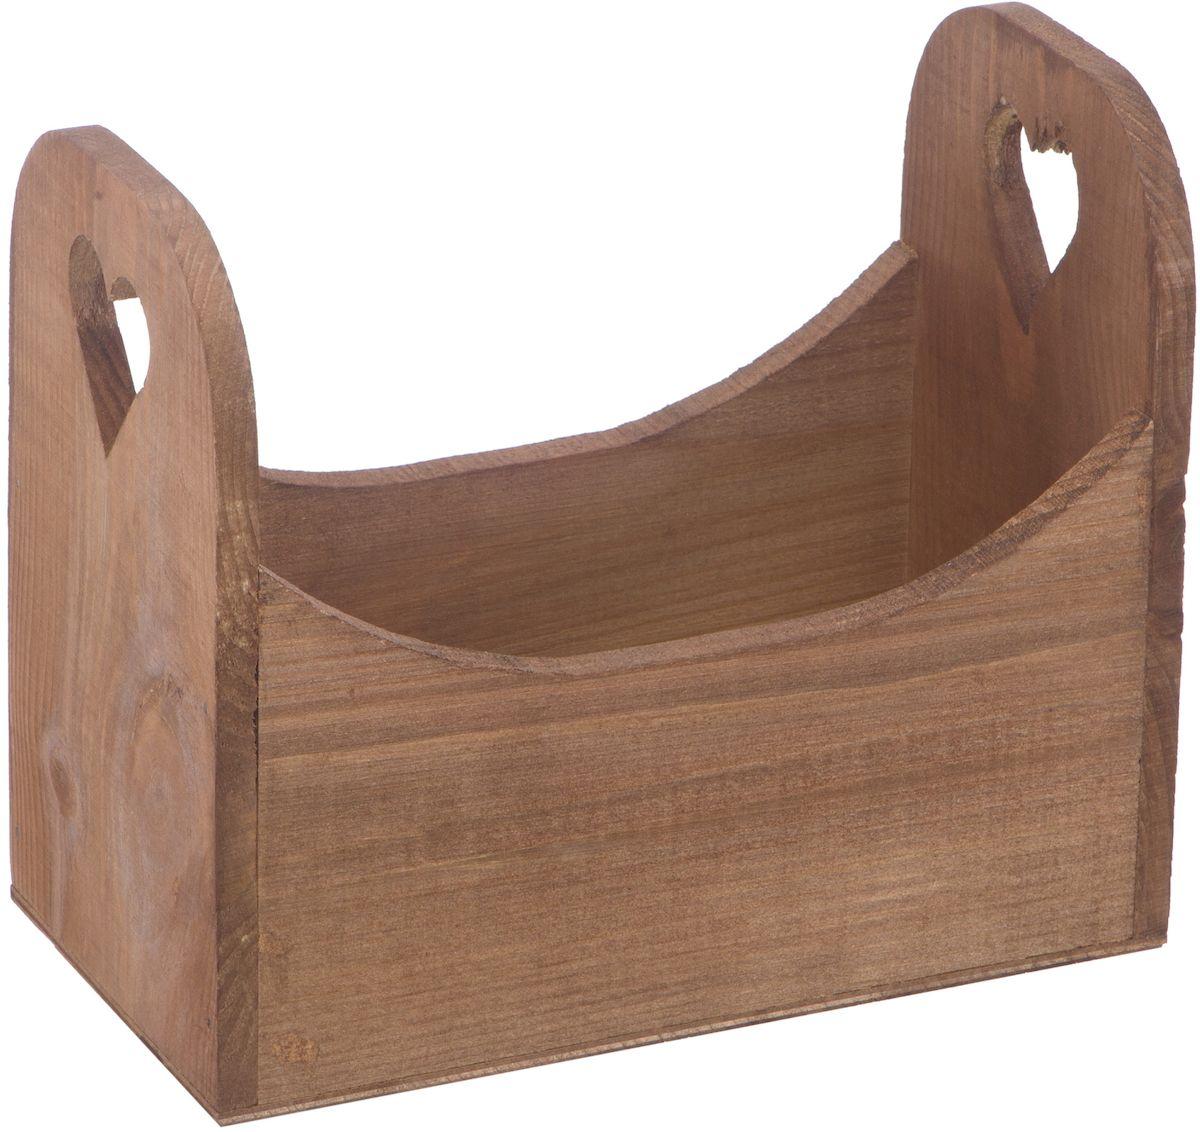 Кашпо Engard Аоста, 24 х 13 х 20 смAK-08Кашпо деревянное с ручкой Аоста - это стильный и необычный элемент для декора дома и сада. Выполненное в деревенском стиле, кашпо понравится поклонникам экологичности и натуральности в интерьере.